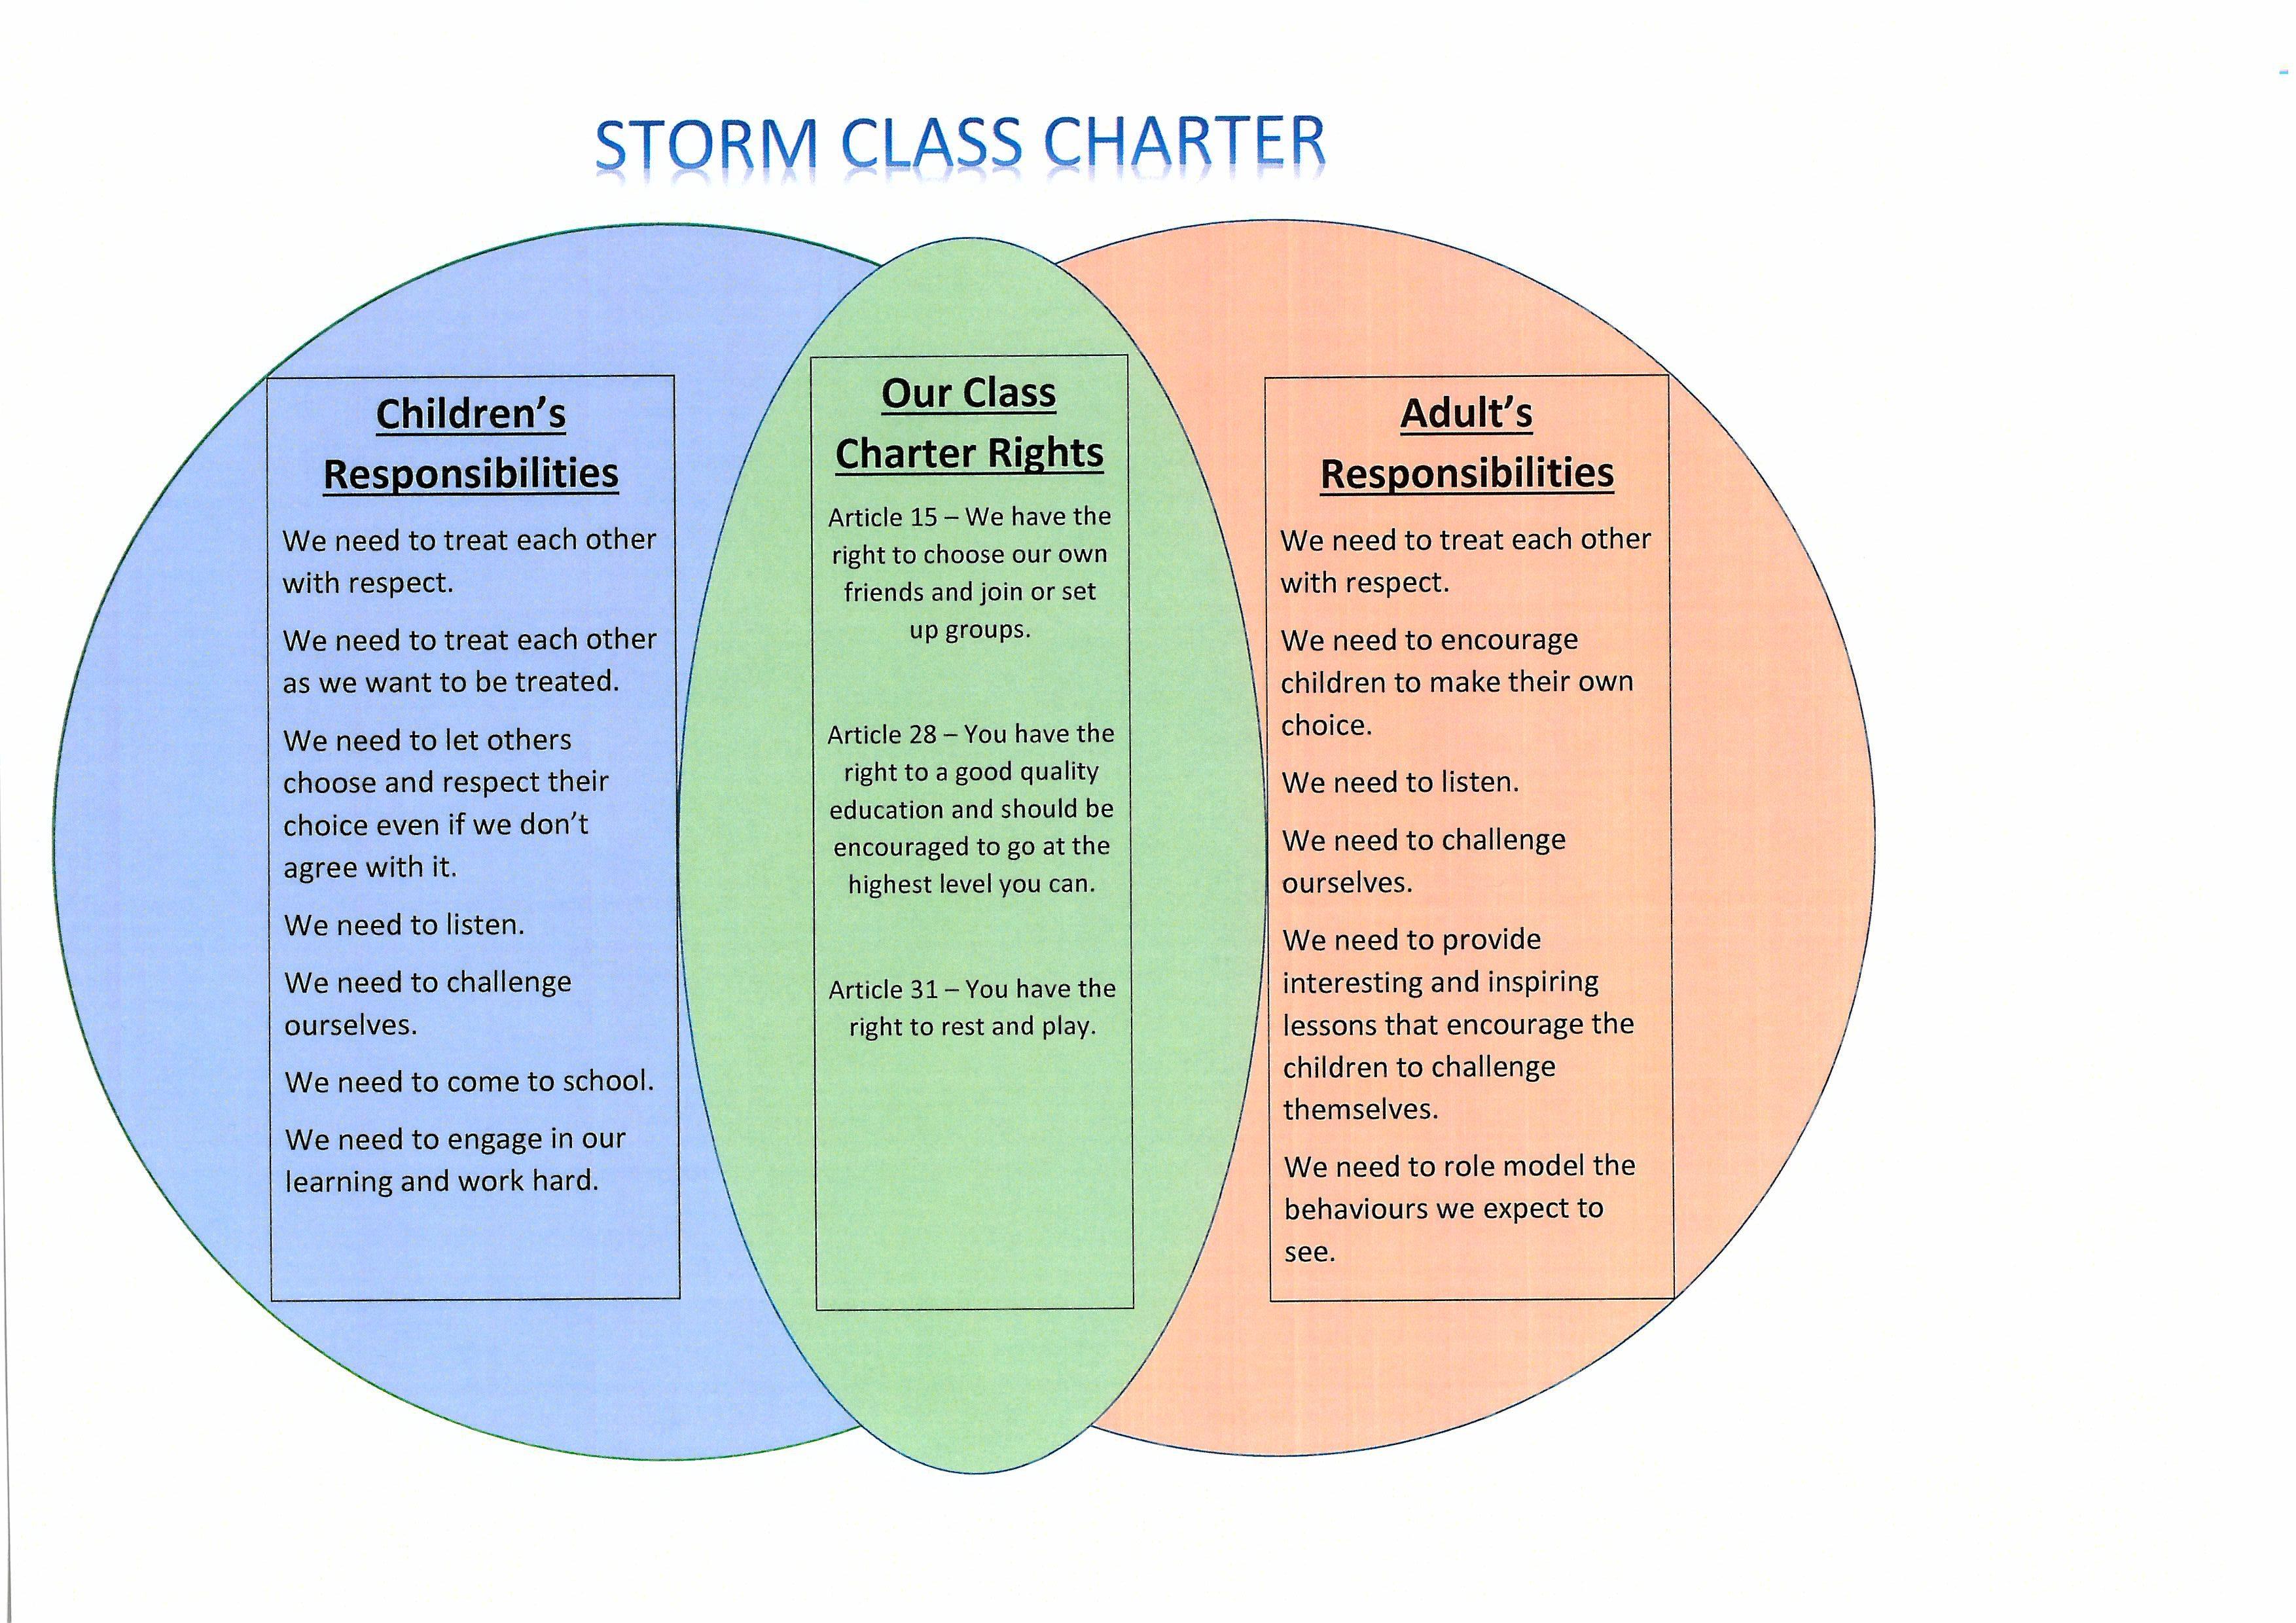 Storm Class Charter